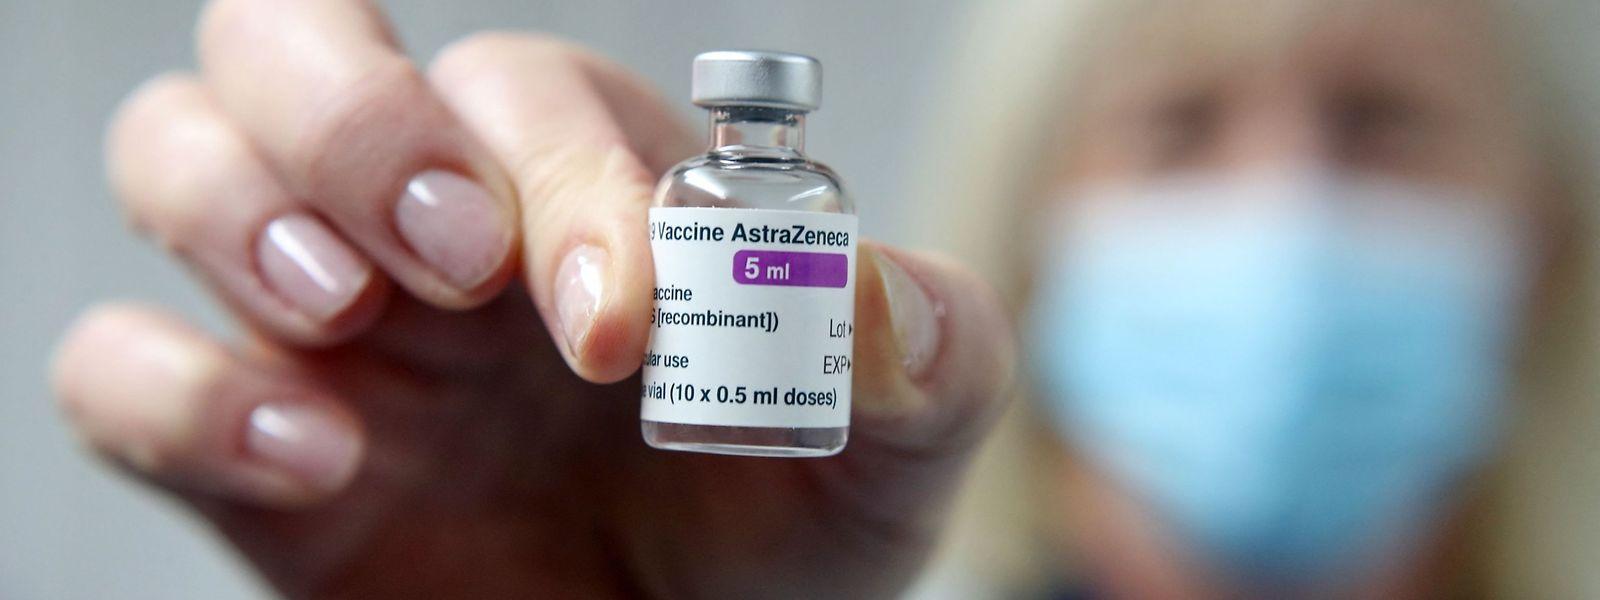 Comme chaque résident, tout frontalier qui s'inscrit sur liste d'attente, peut choisir la formule de son vaccin.